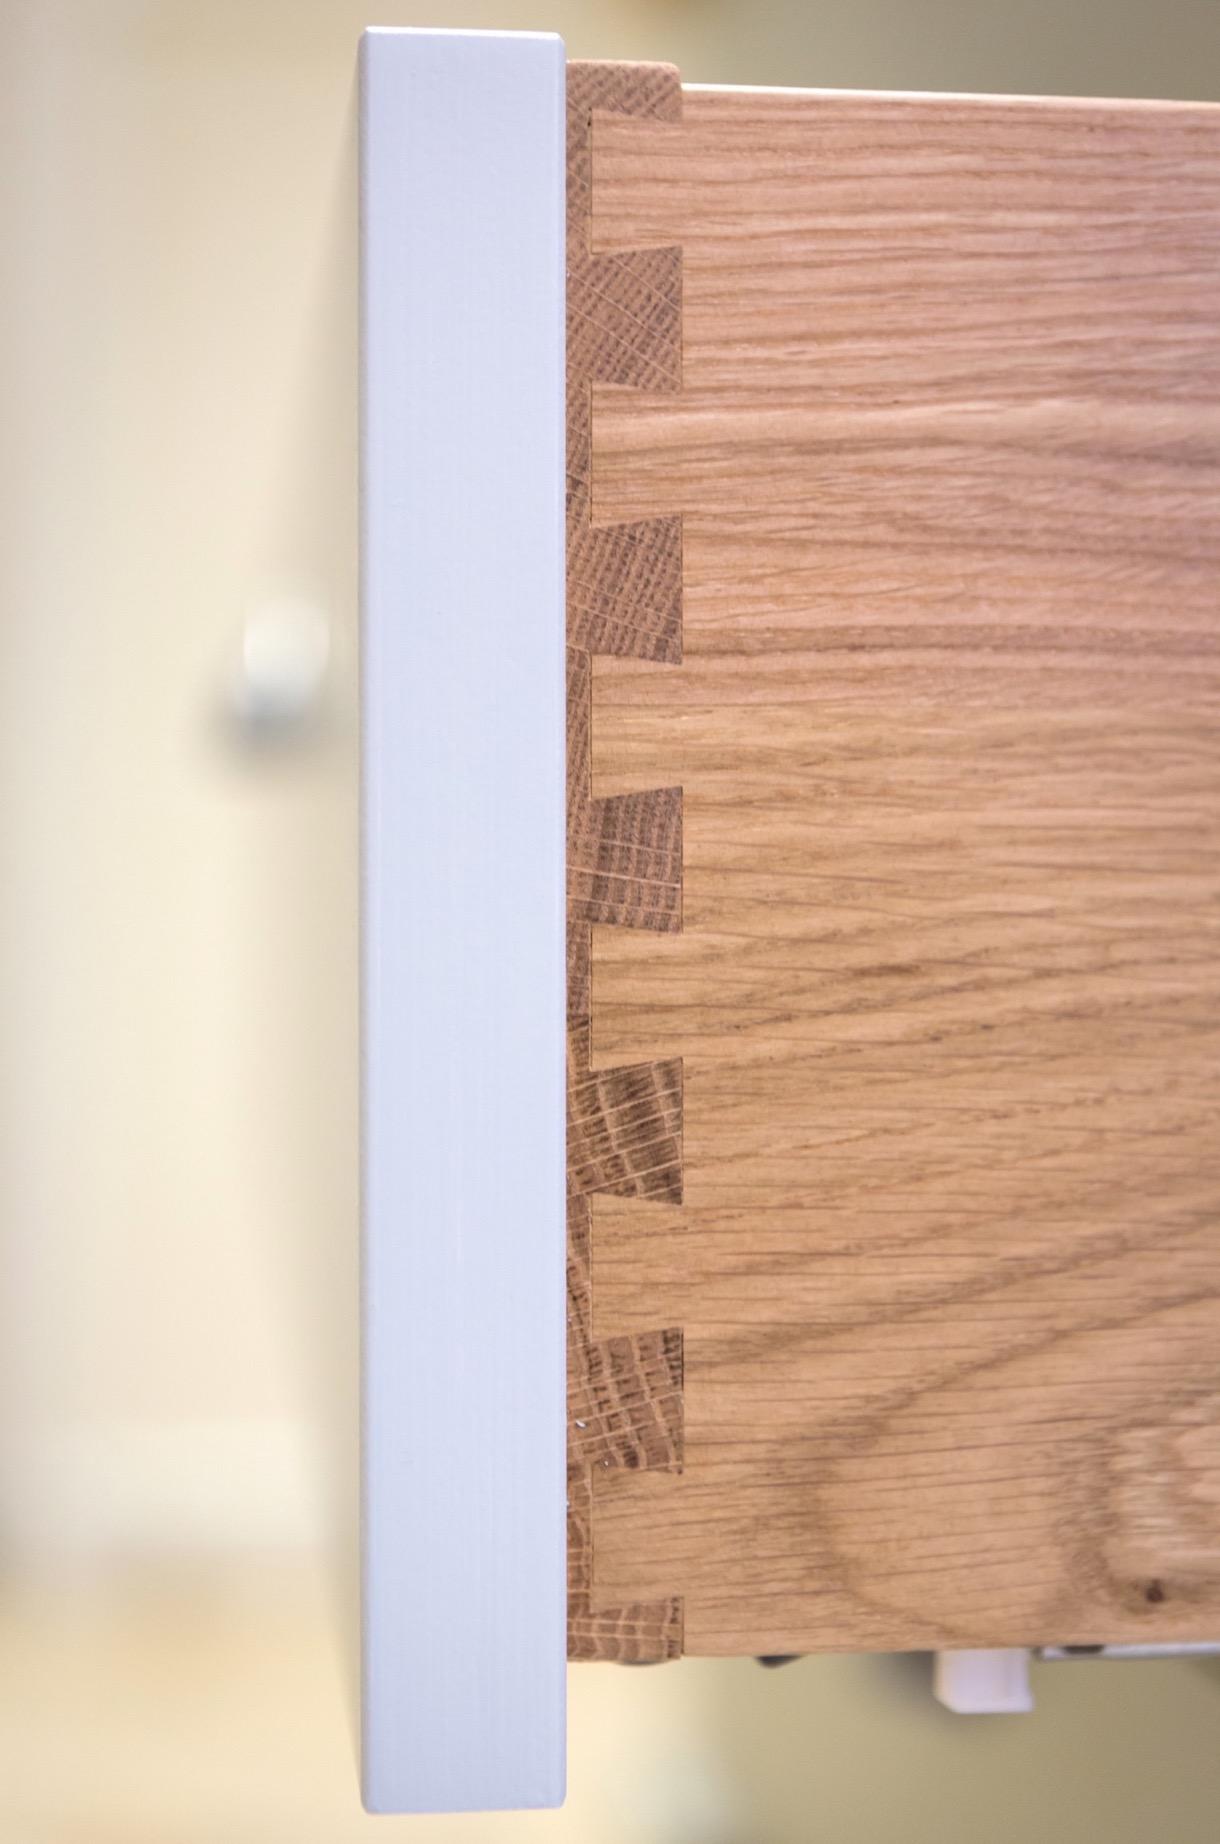 Handpainted dresser with oak drawers and glass doors amersham bucks 3 1